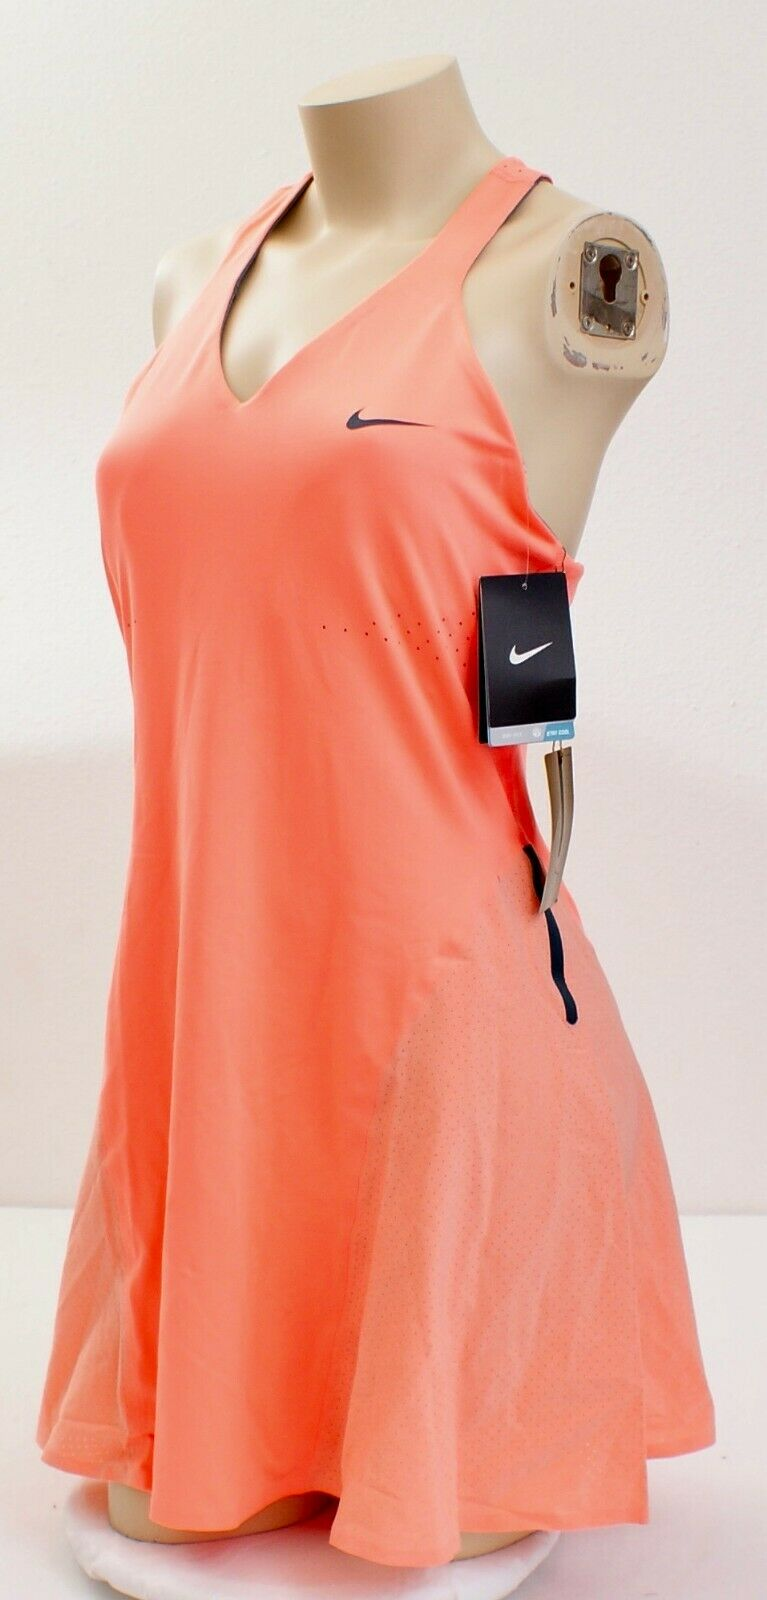 Atomic Pink Premier Maria Tennis Dress Nike Dri Fit Premier Atomic Pink Maria Sharapova Tennis Dress ...